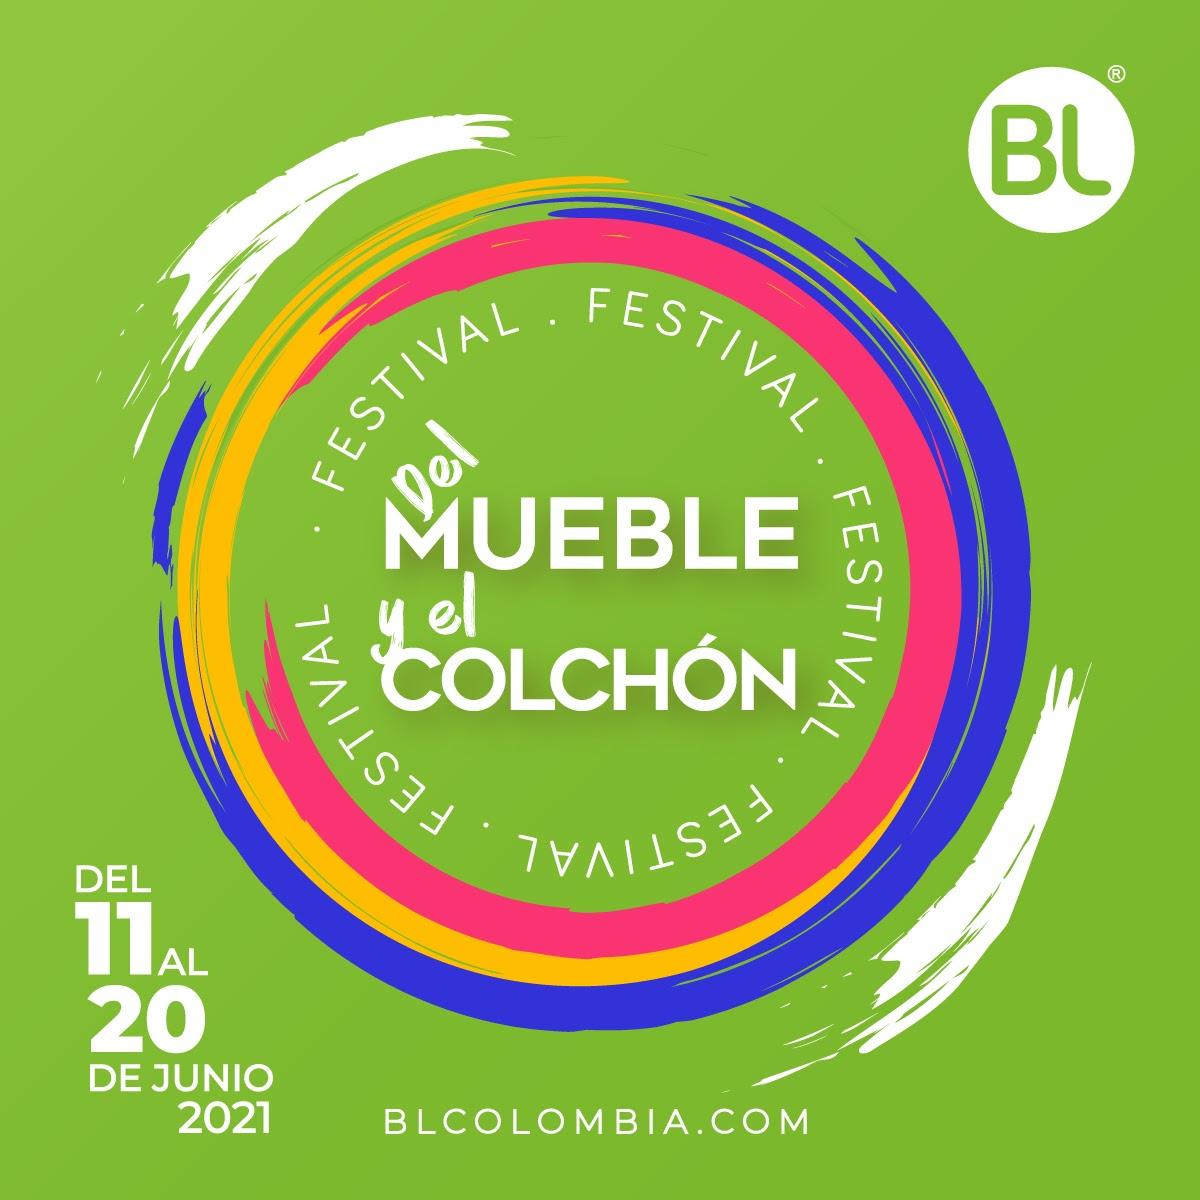 Festival del Mueble y el Colchón